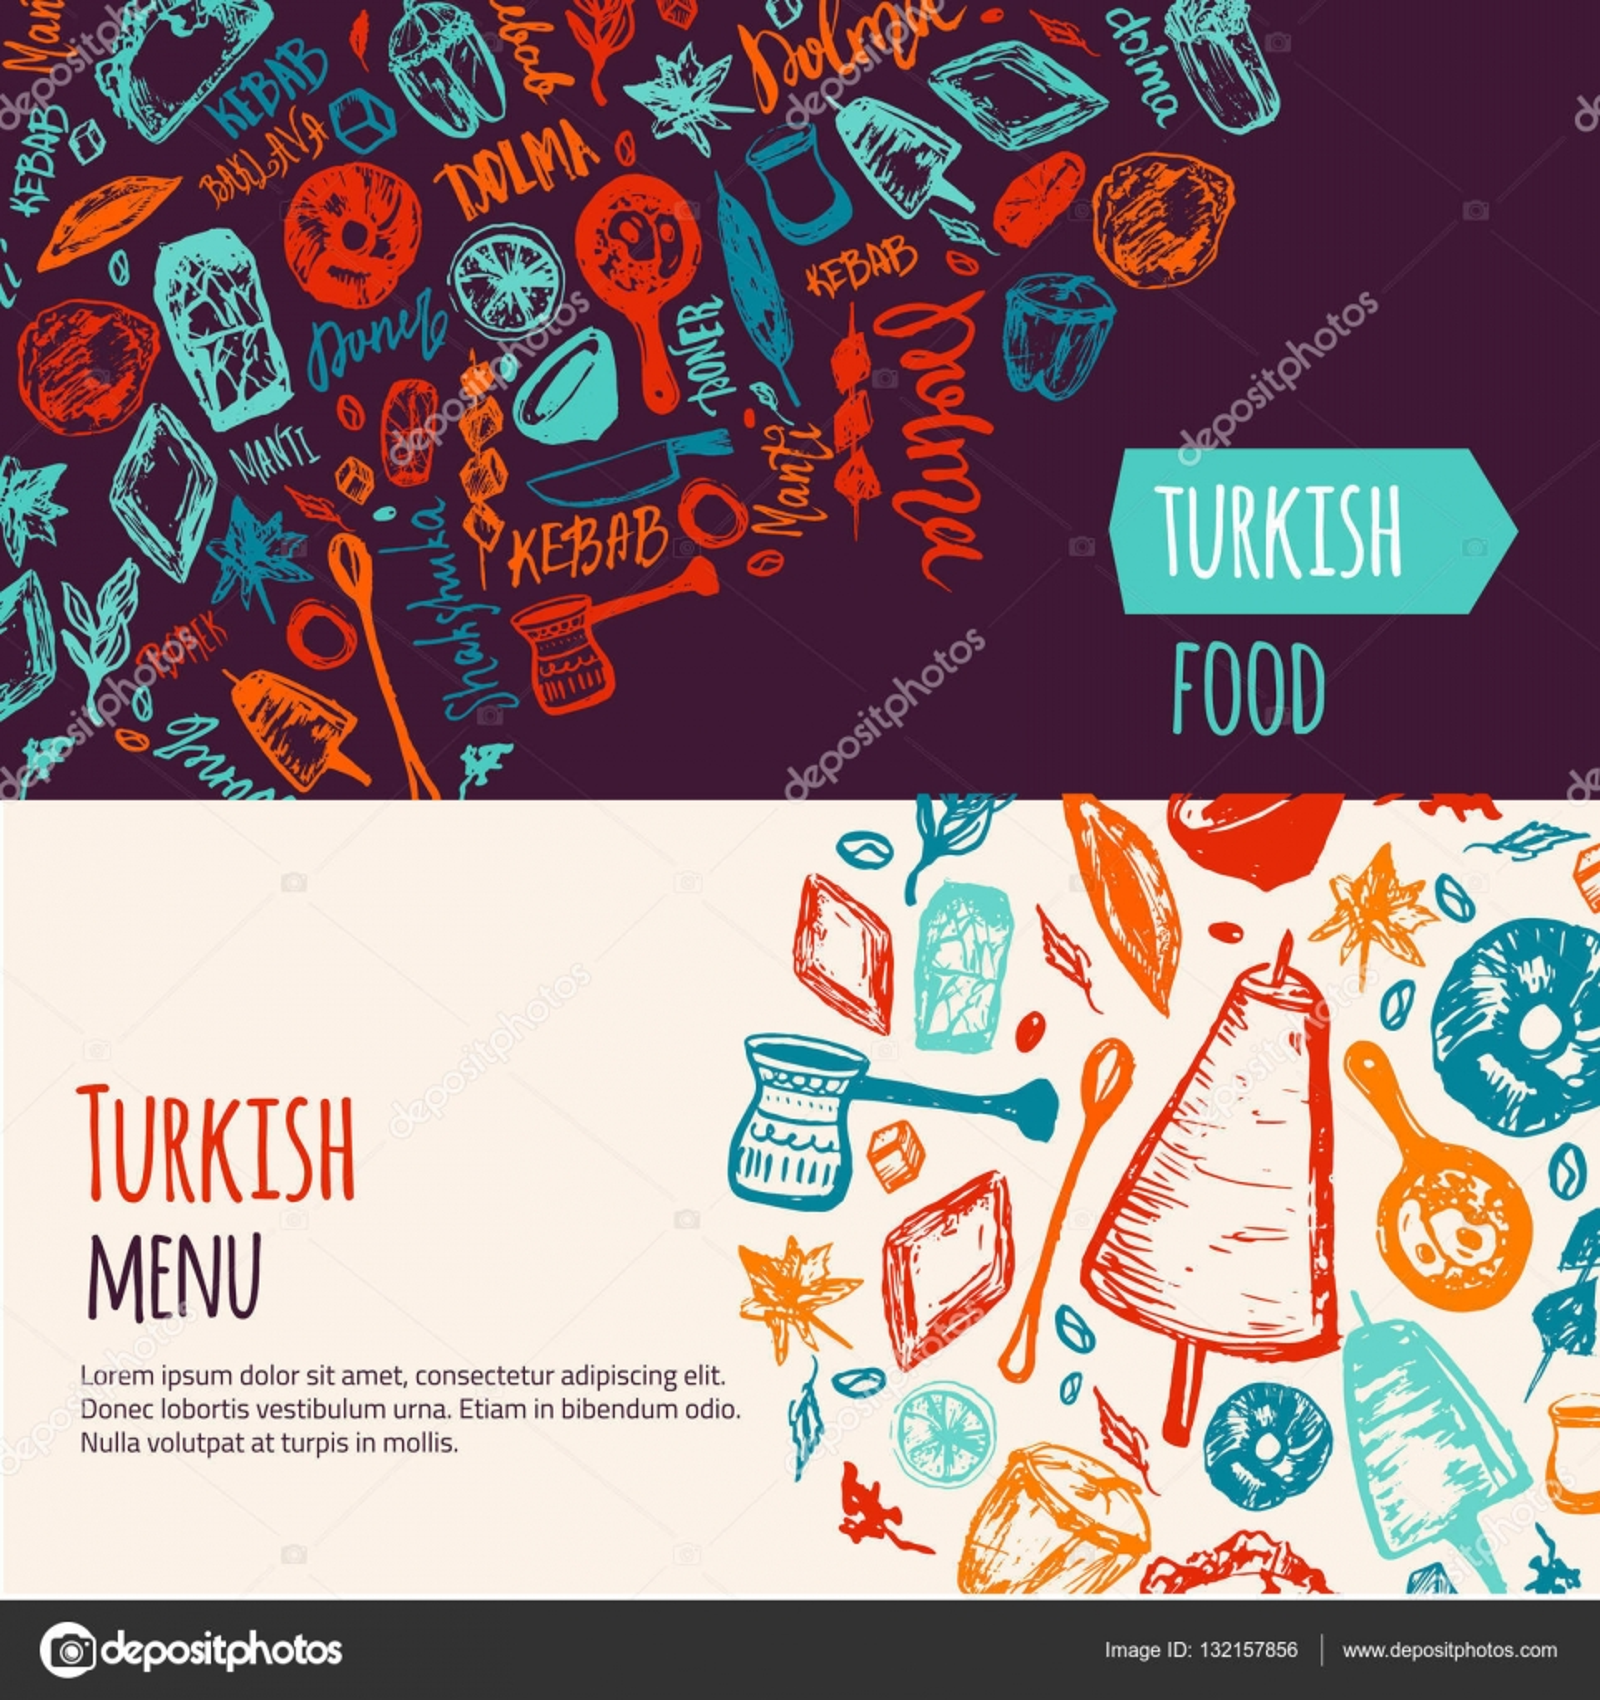 Шакшука турецкая. Турецкая кухня рука нарисованные баннер ...